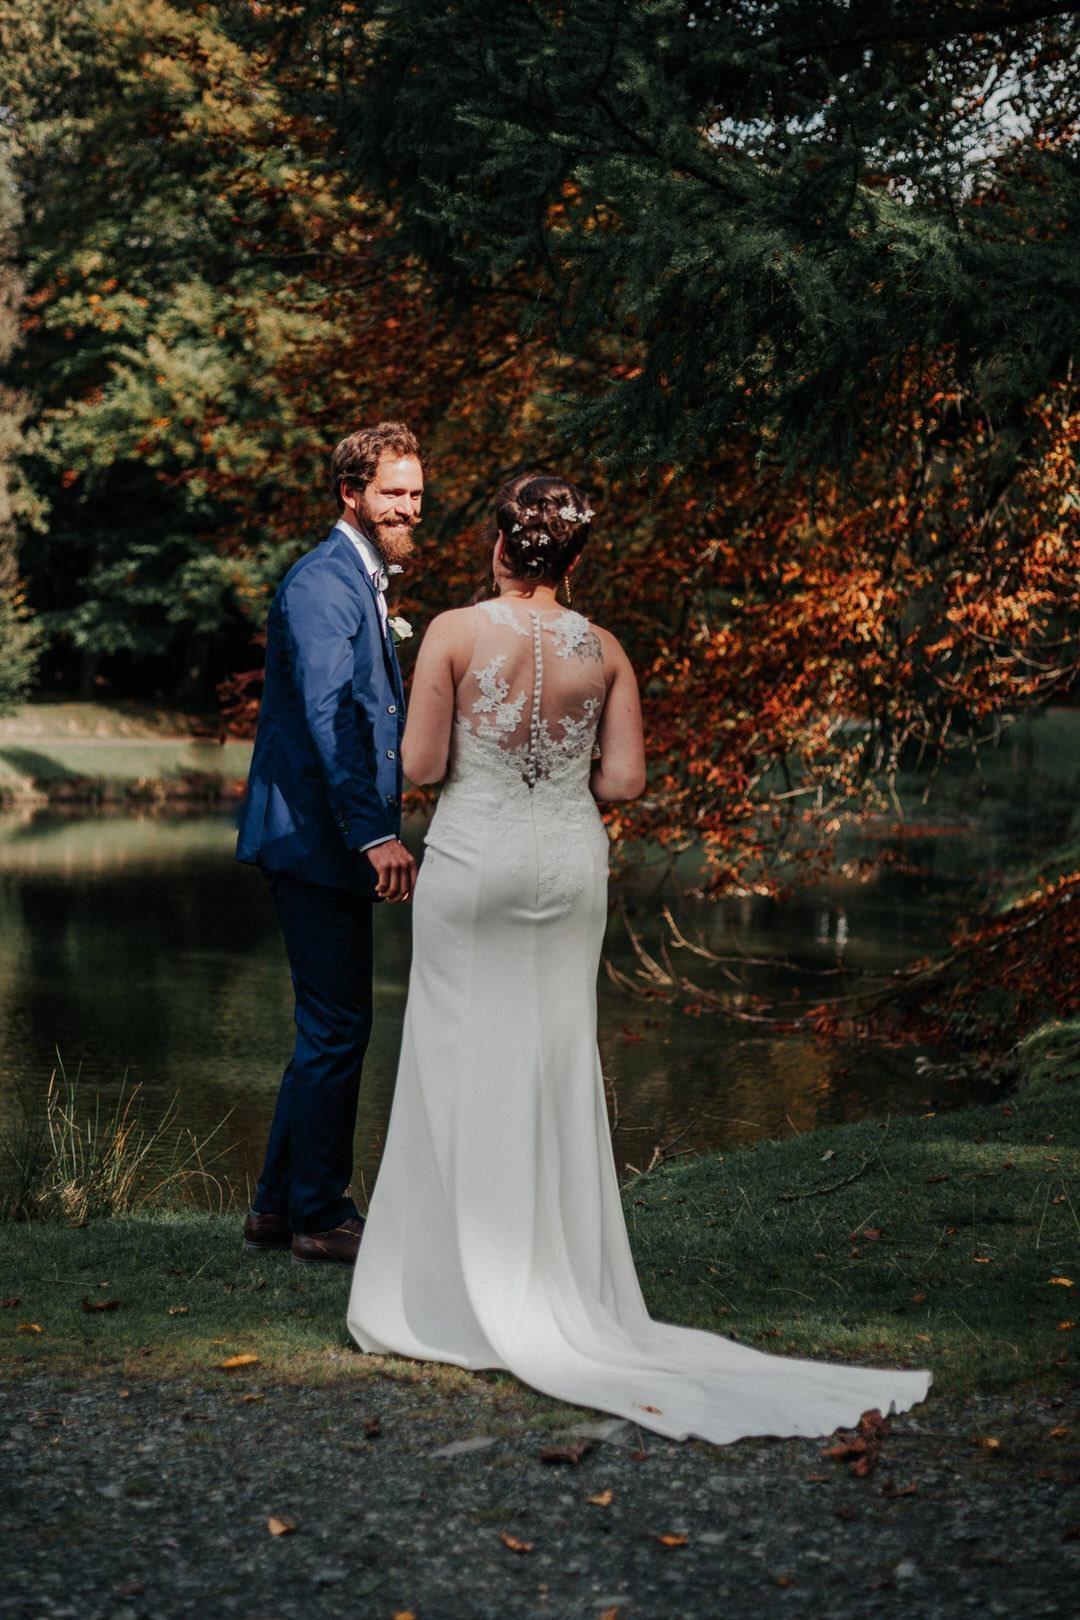 First sight Moment bei einem Vintage-Hochzeitspaar-shooting im Herbst.